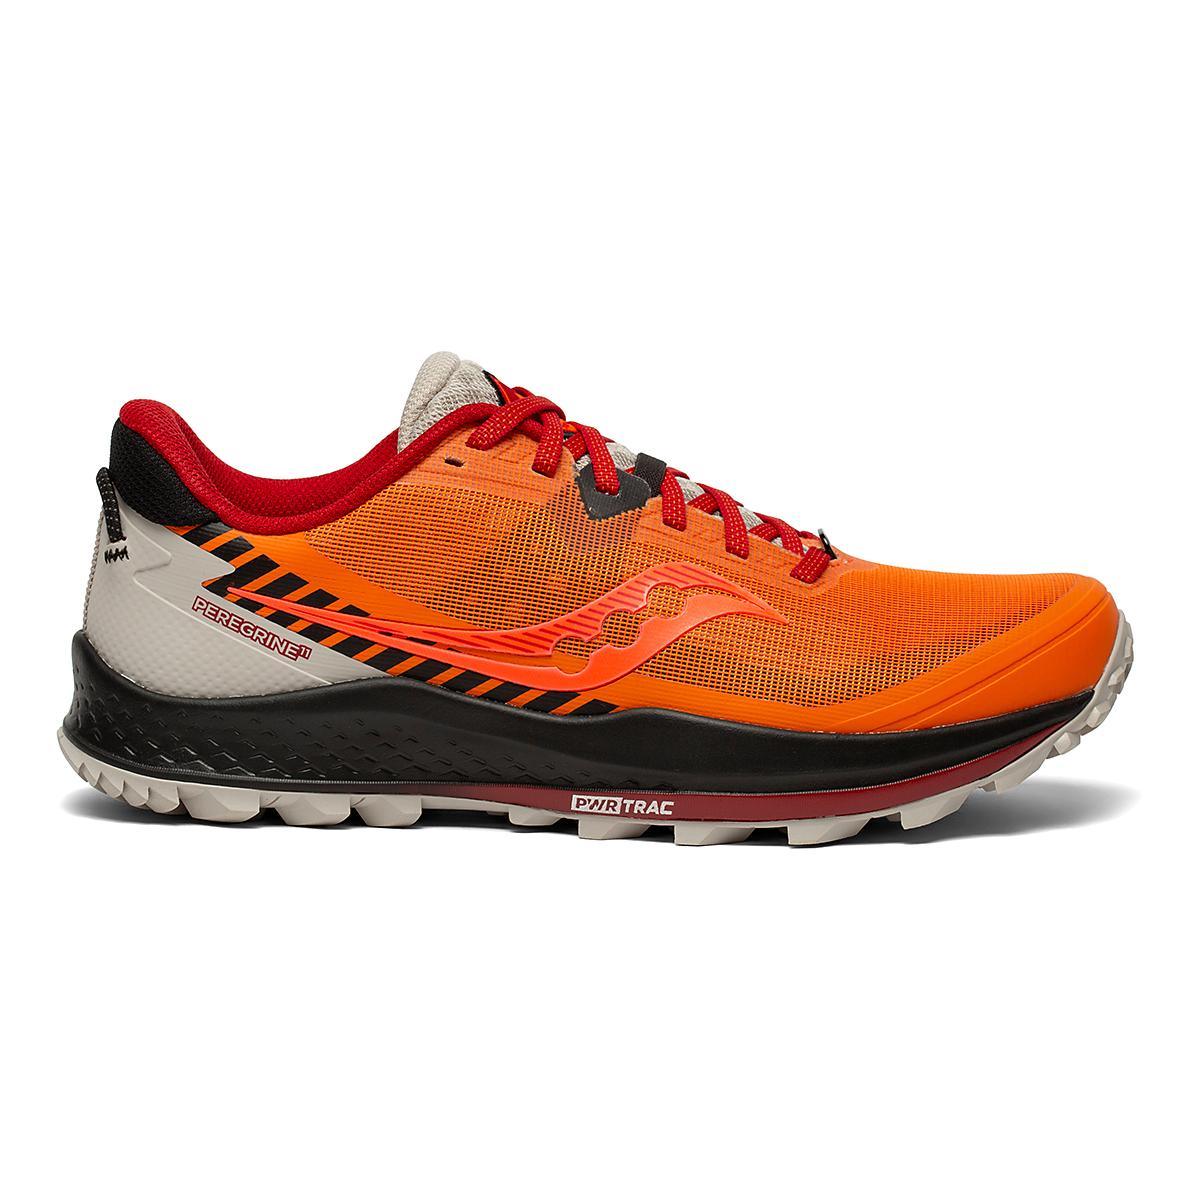 Men's Saucony Peregrine 11 Trail Running Shoe - Color: Jackalope - Size: 7 - Width: Regular, Jackalope, large, image 1